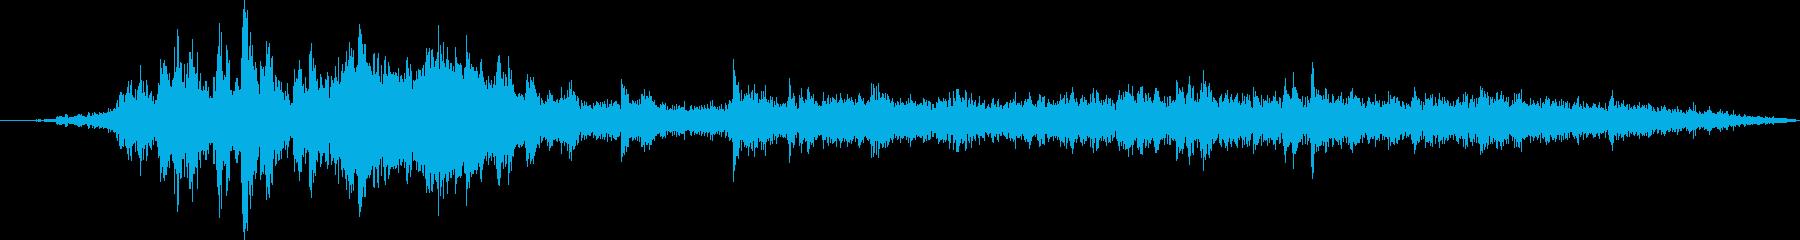 建物解体:ヘビークレーン:ダンプス...の再生済みの波形